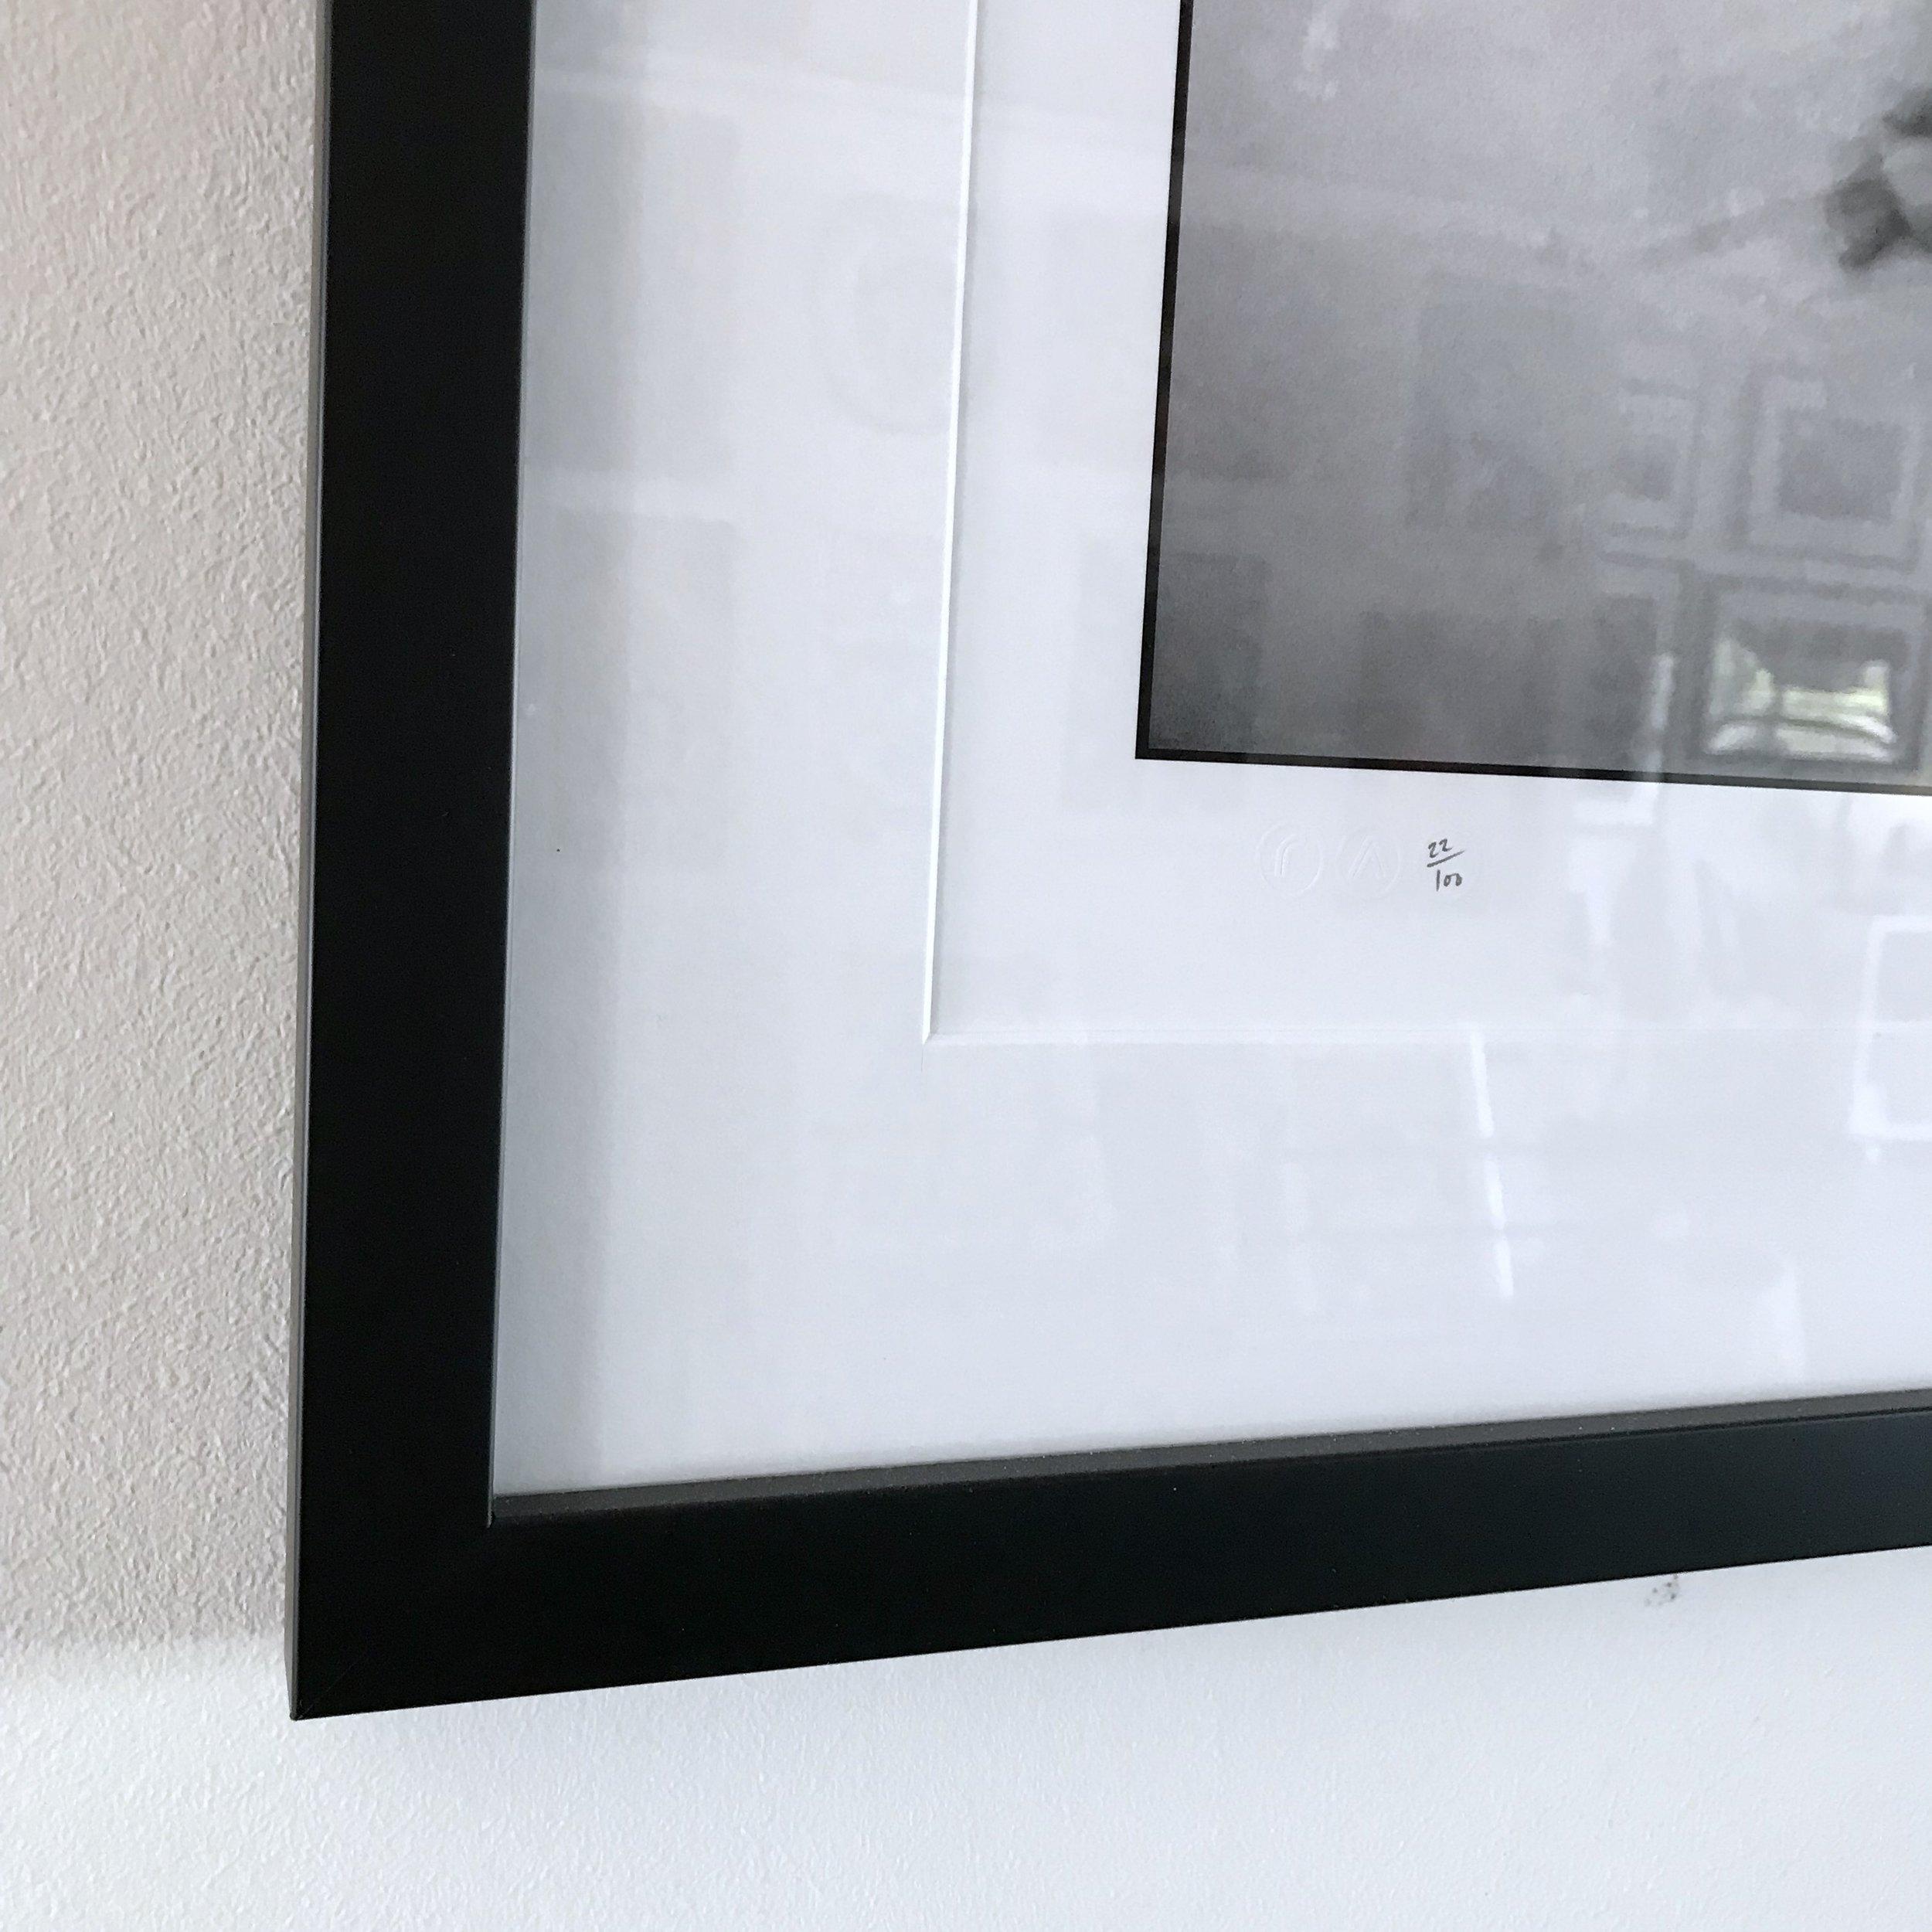 framing sample 3.jpg